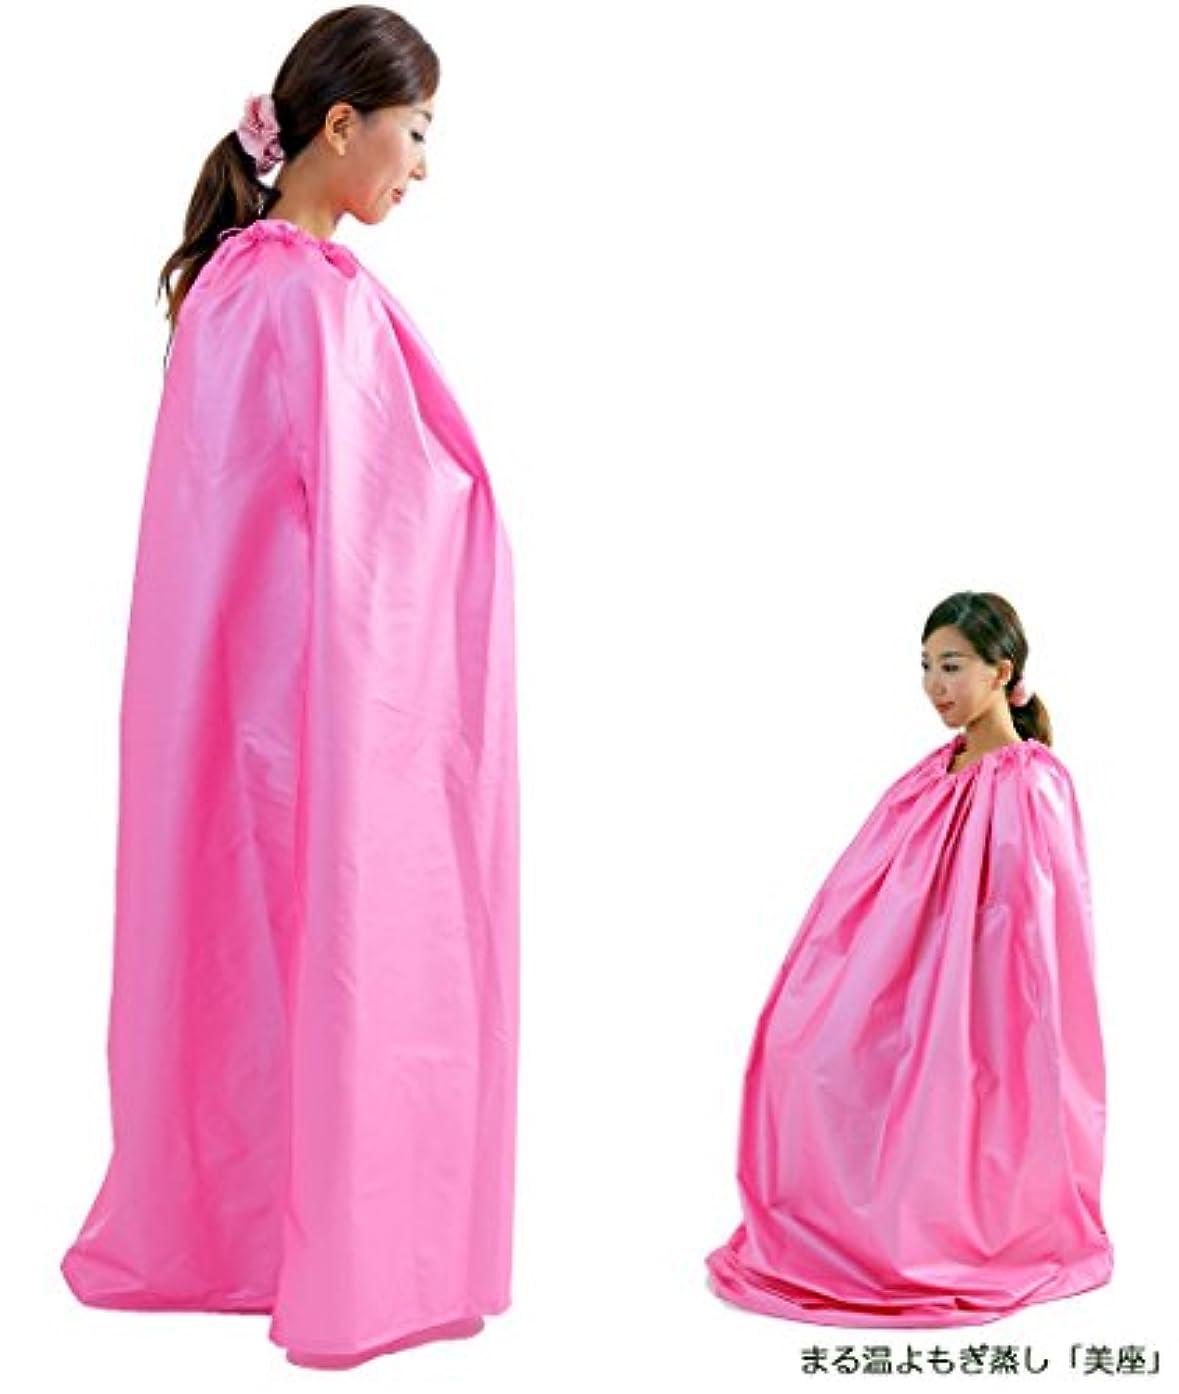 紀元前いちゃつく樹皮【ピンク】よもぎ蒸し用マント?ピンク色?軽くて厚いポリウレタン素材?優れた保温?保湿